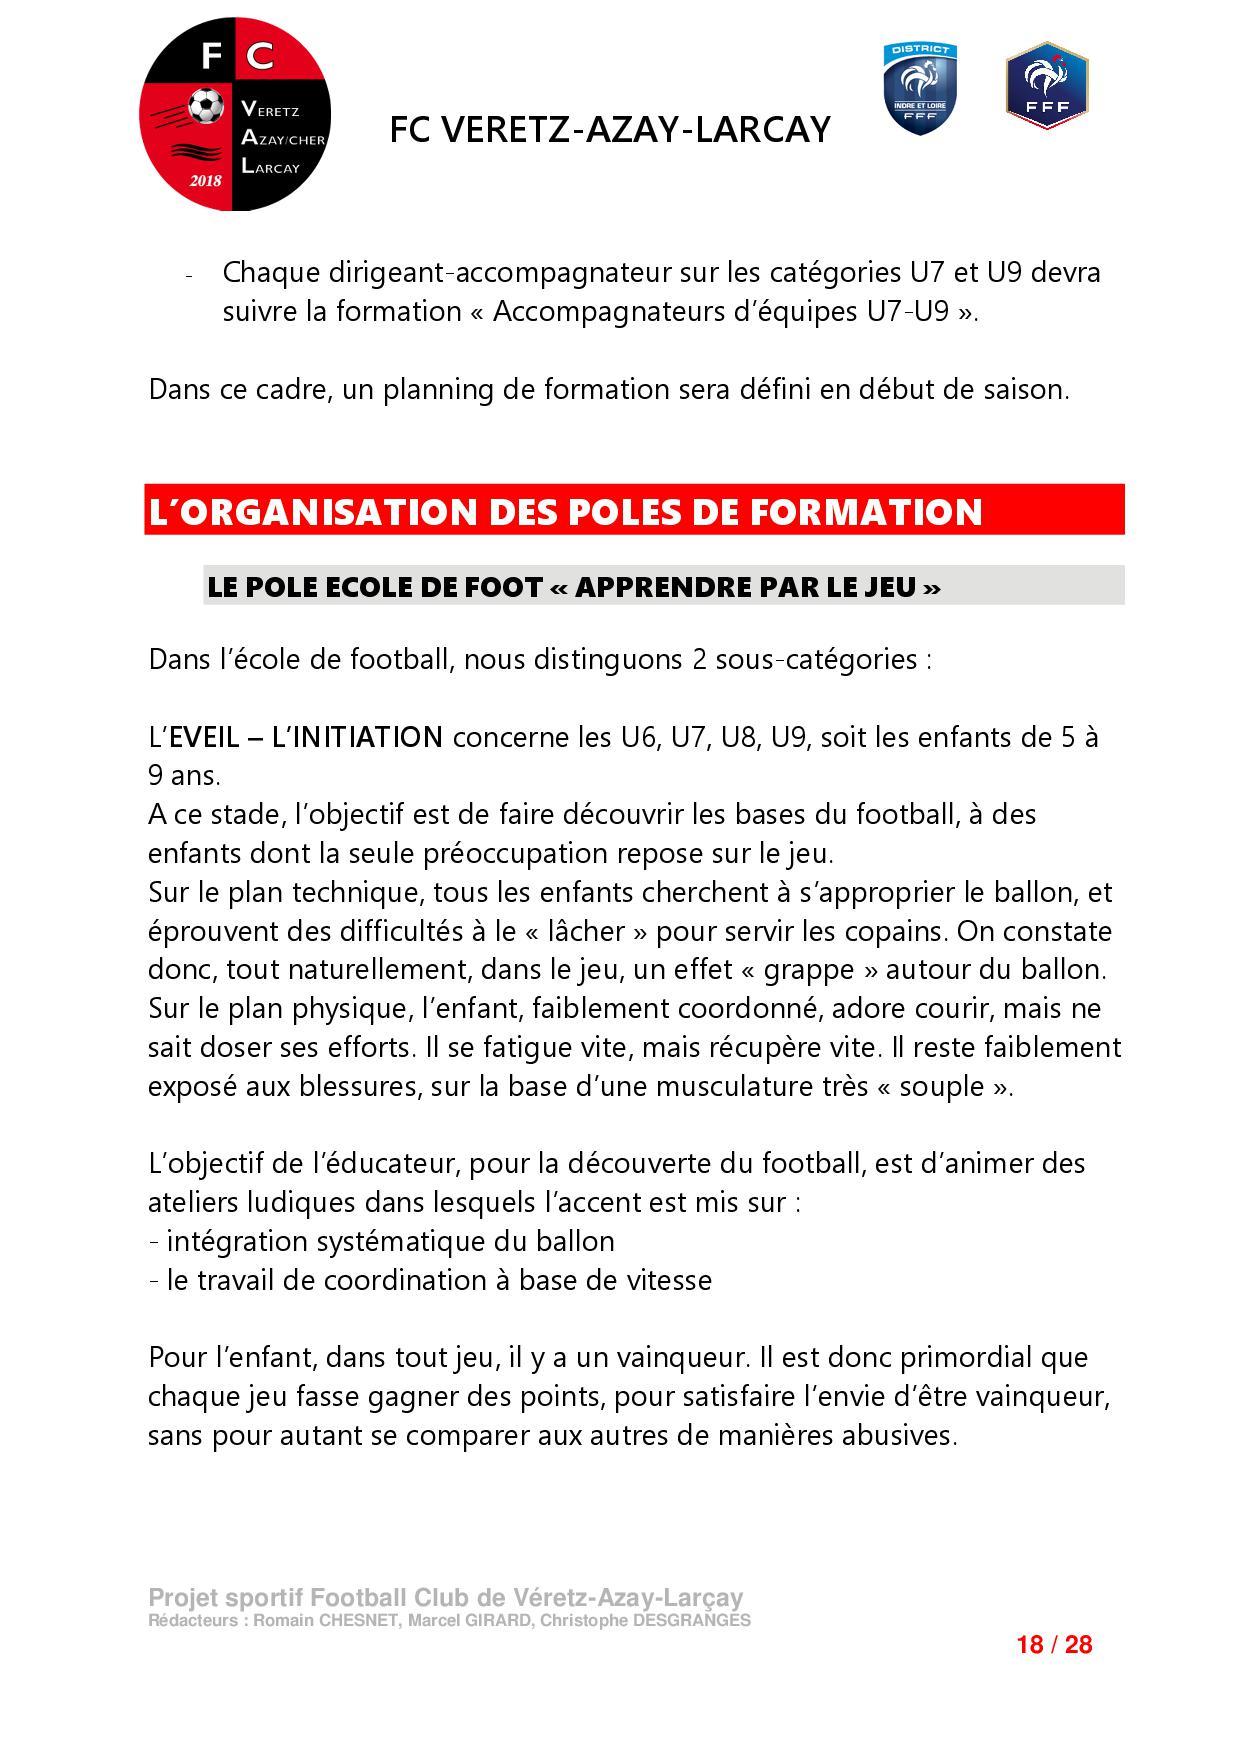 projet_sportif_2017-202018.jpg